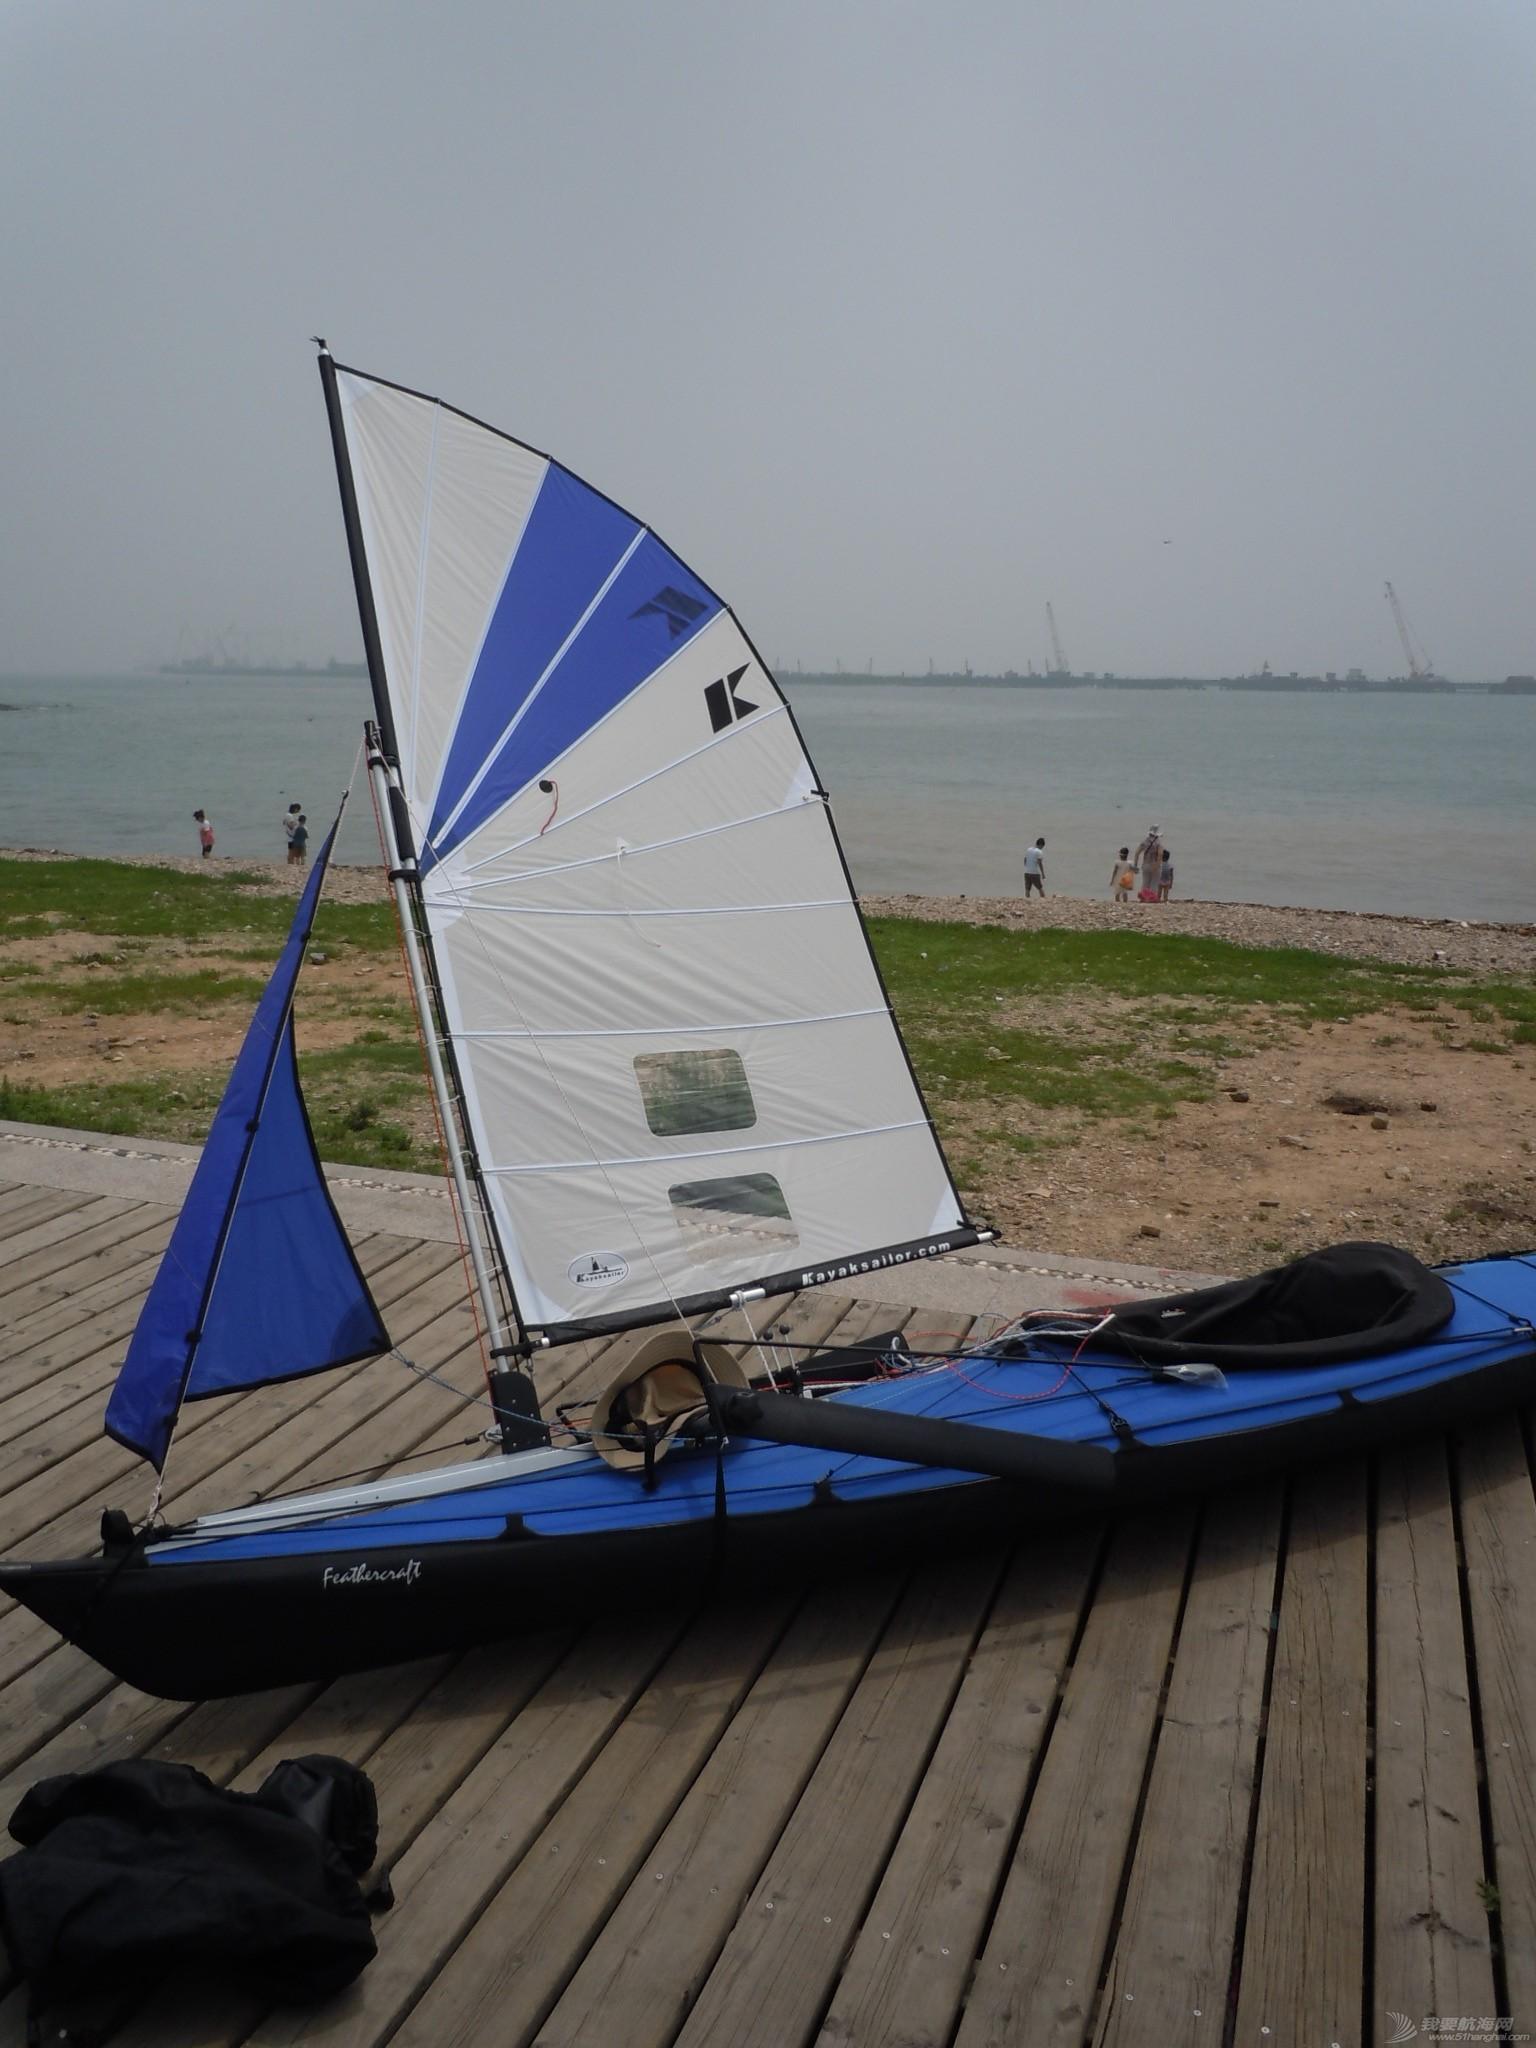 皮划艇 单人皮划艇能自己加上小帆么? 013853c5xxrccrlrbr9rbz.jpg